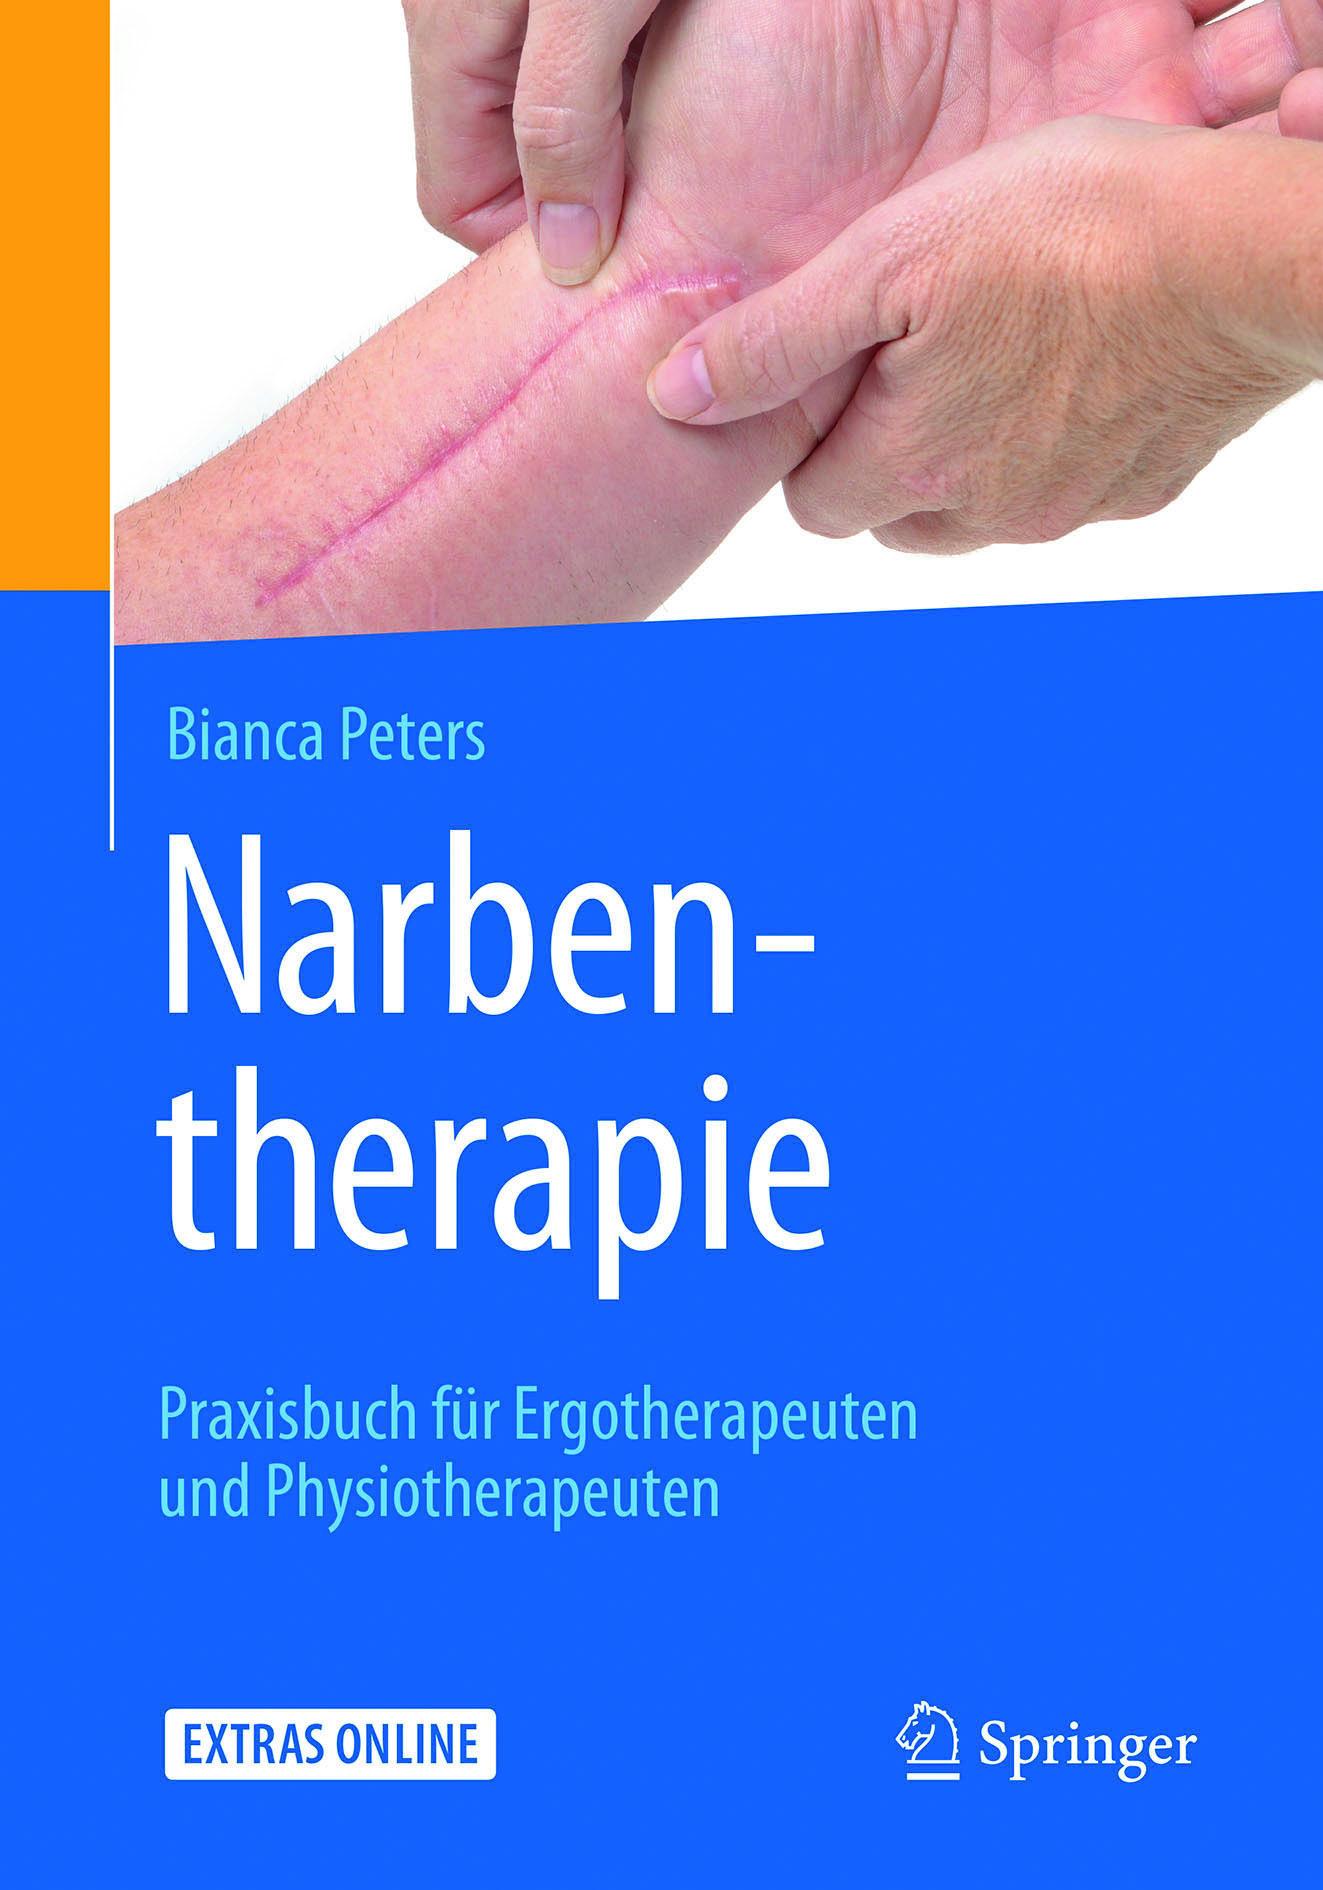 Peters, Bianca - Narbentherapie, ebook